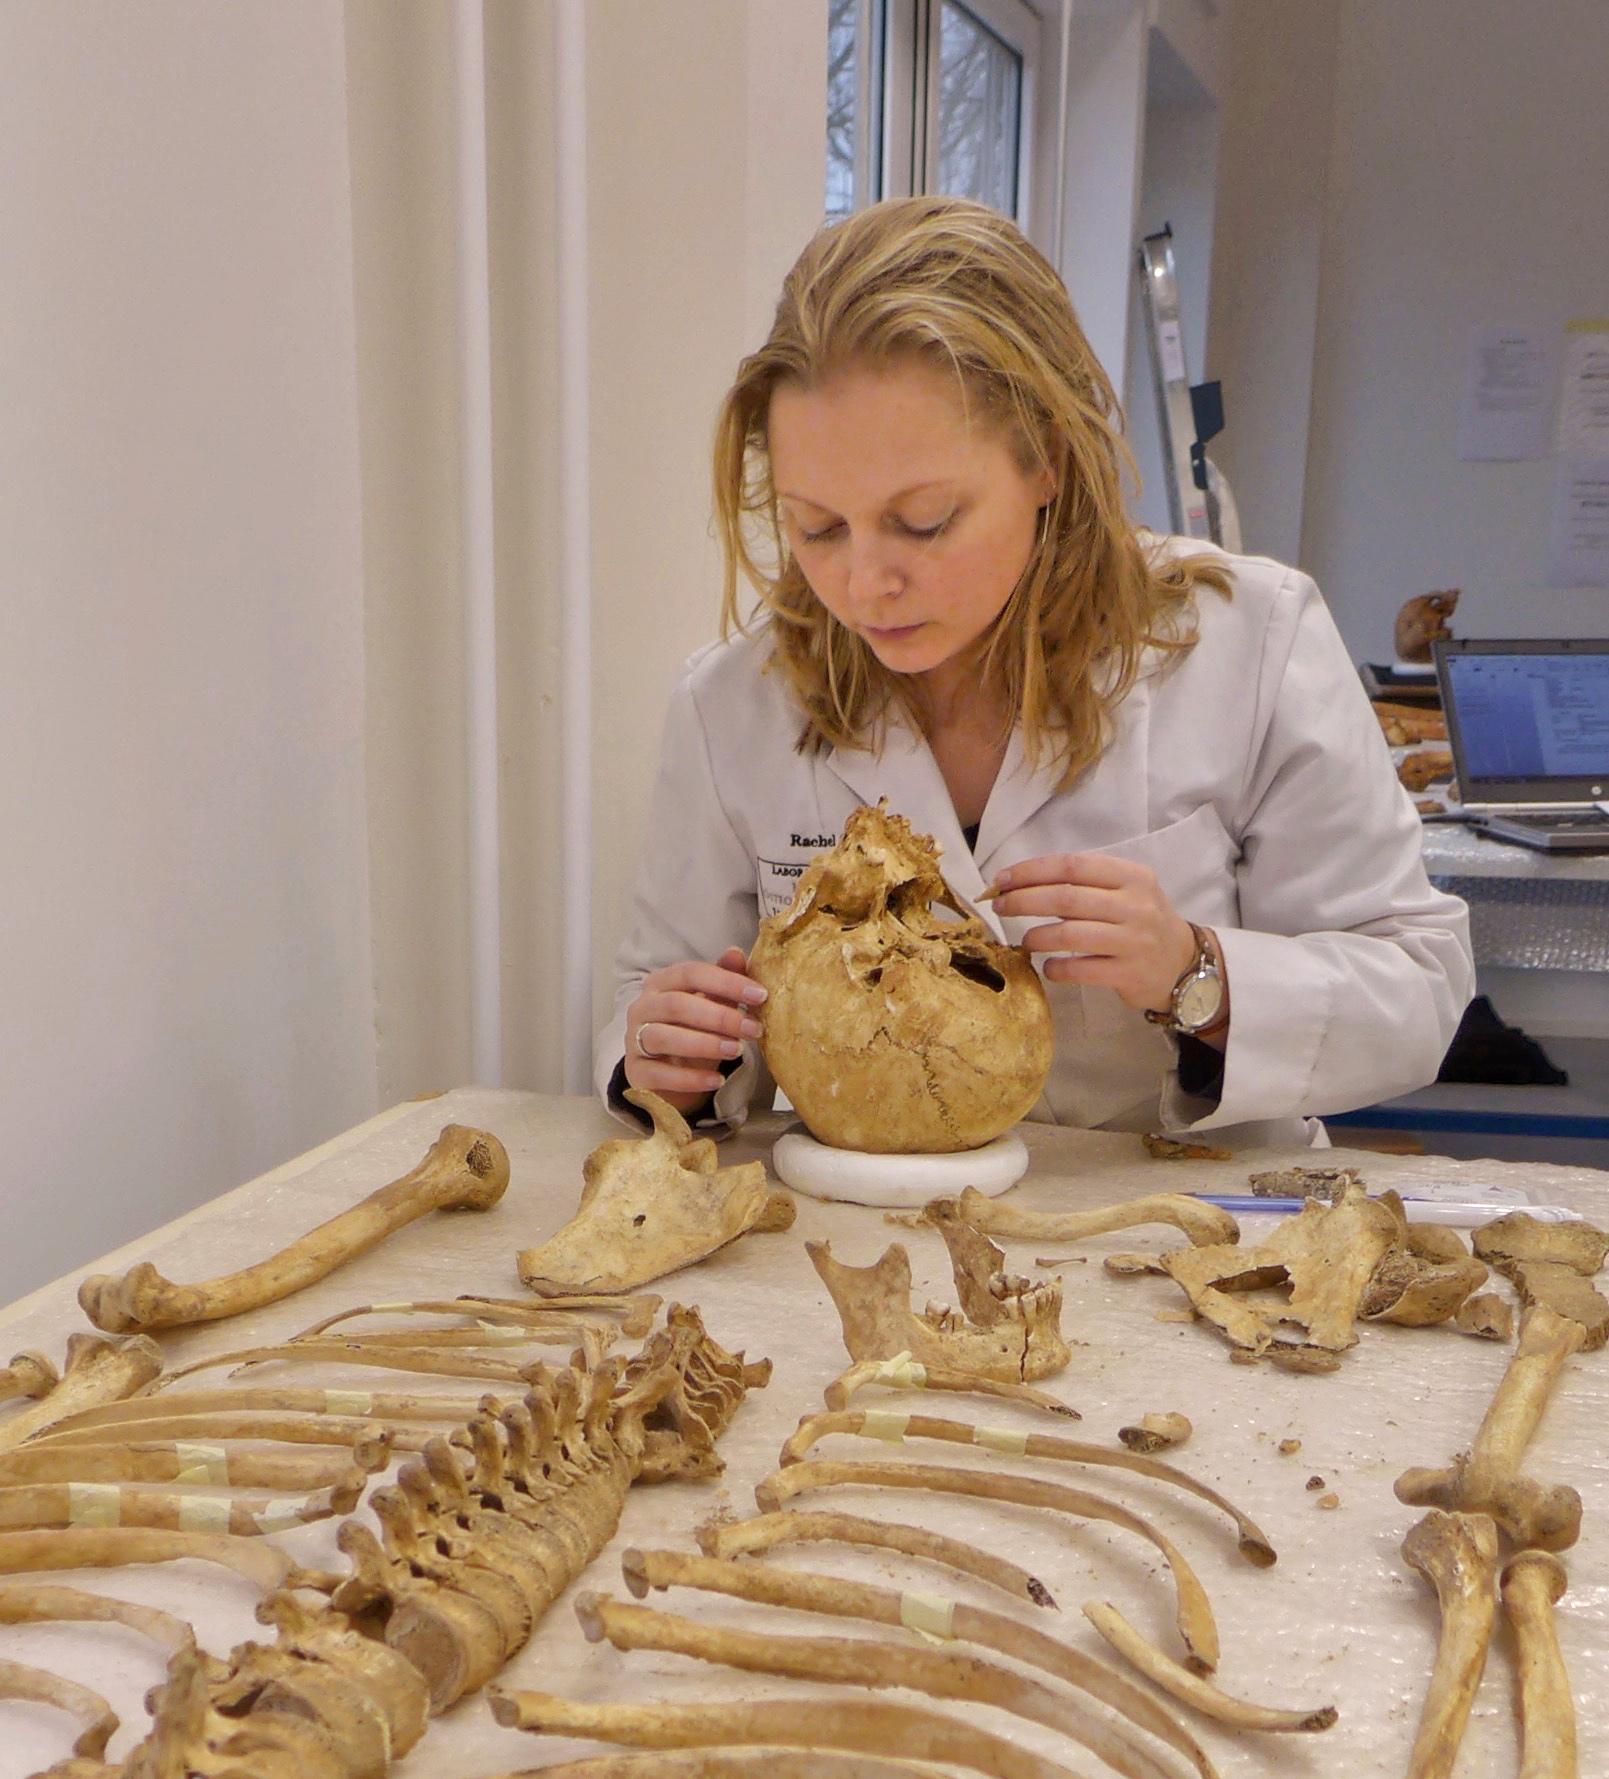 Leidse archeologe onderzoekt met nieuwe methode malaria in de middeleeuwse lage landen